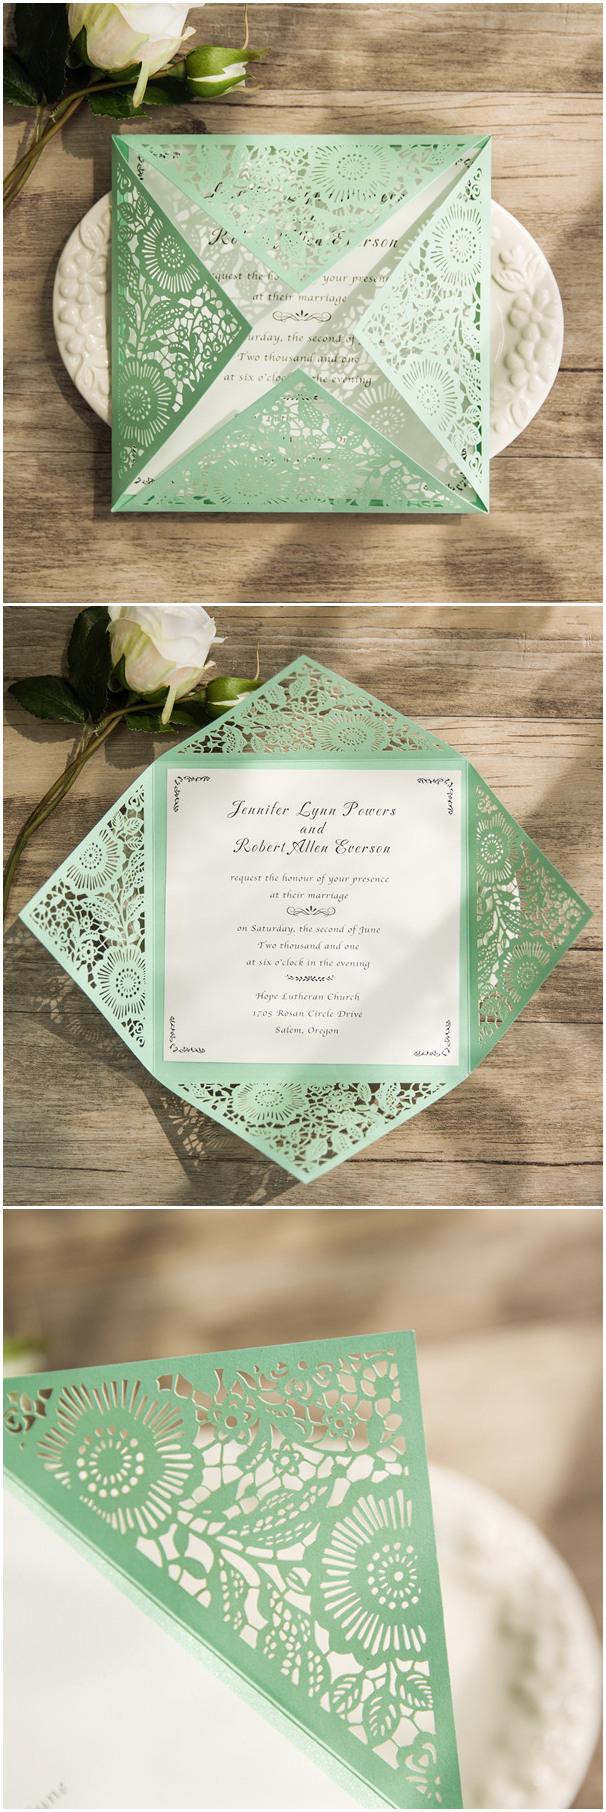 Mint Green Wedding Invitations Elegant Mint Green Laser Cut Wedding Invitations For Romantic